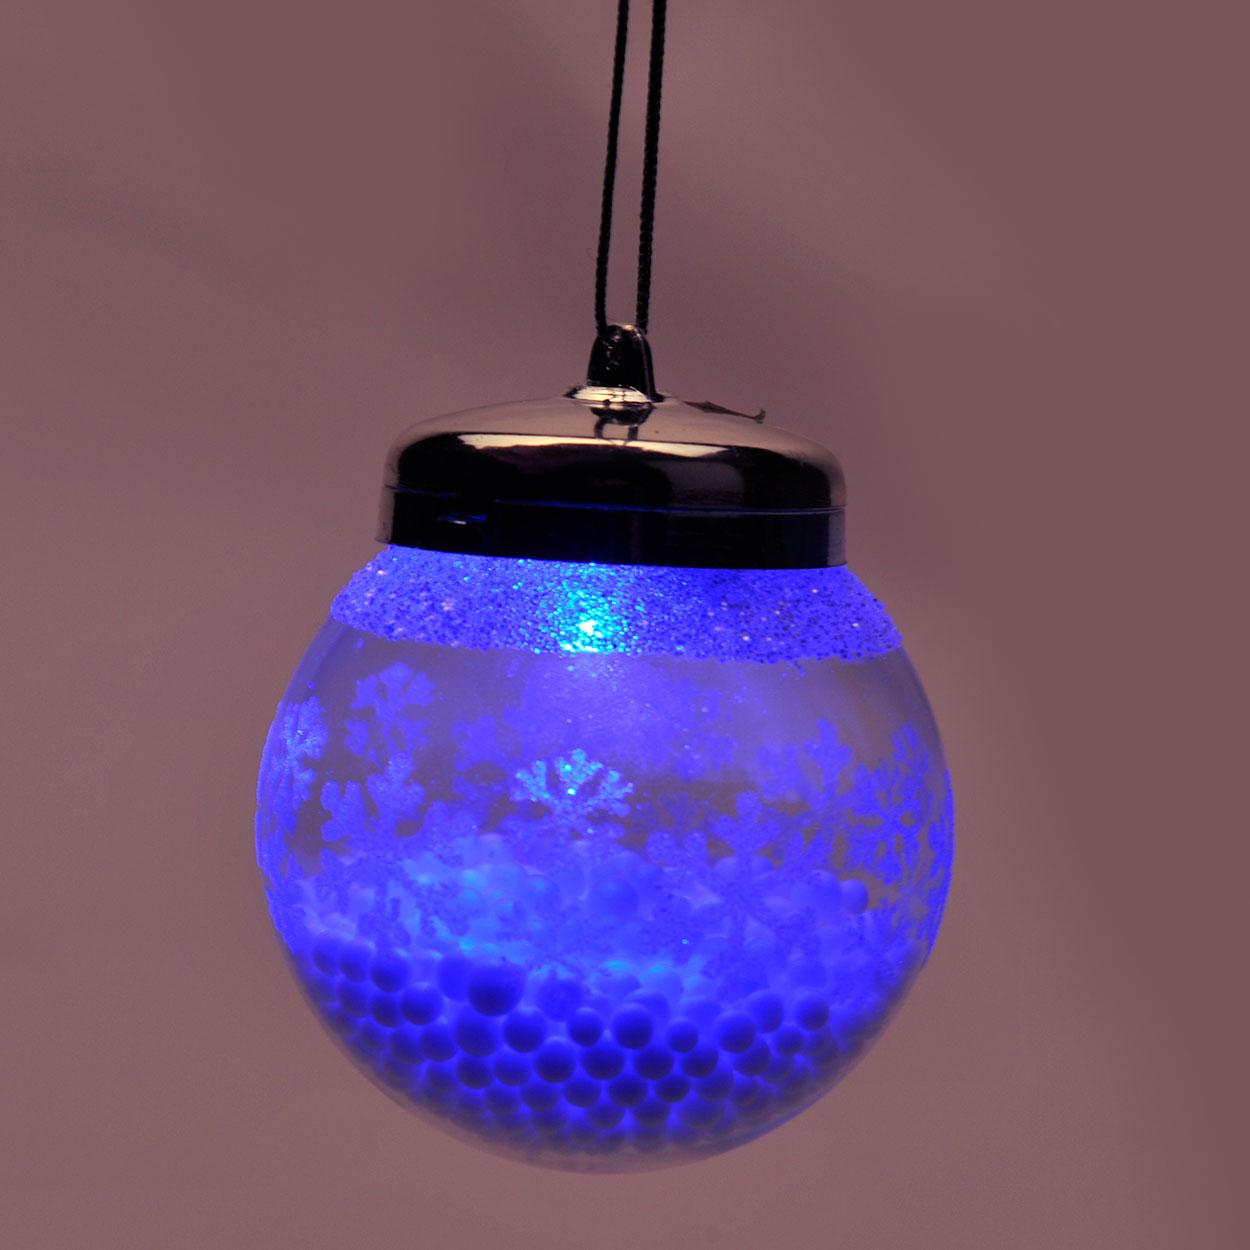 Kerstballen Met Led Verlichting - ARCHIDEV